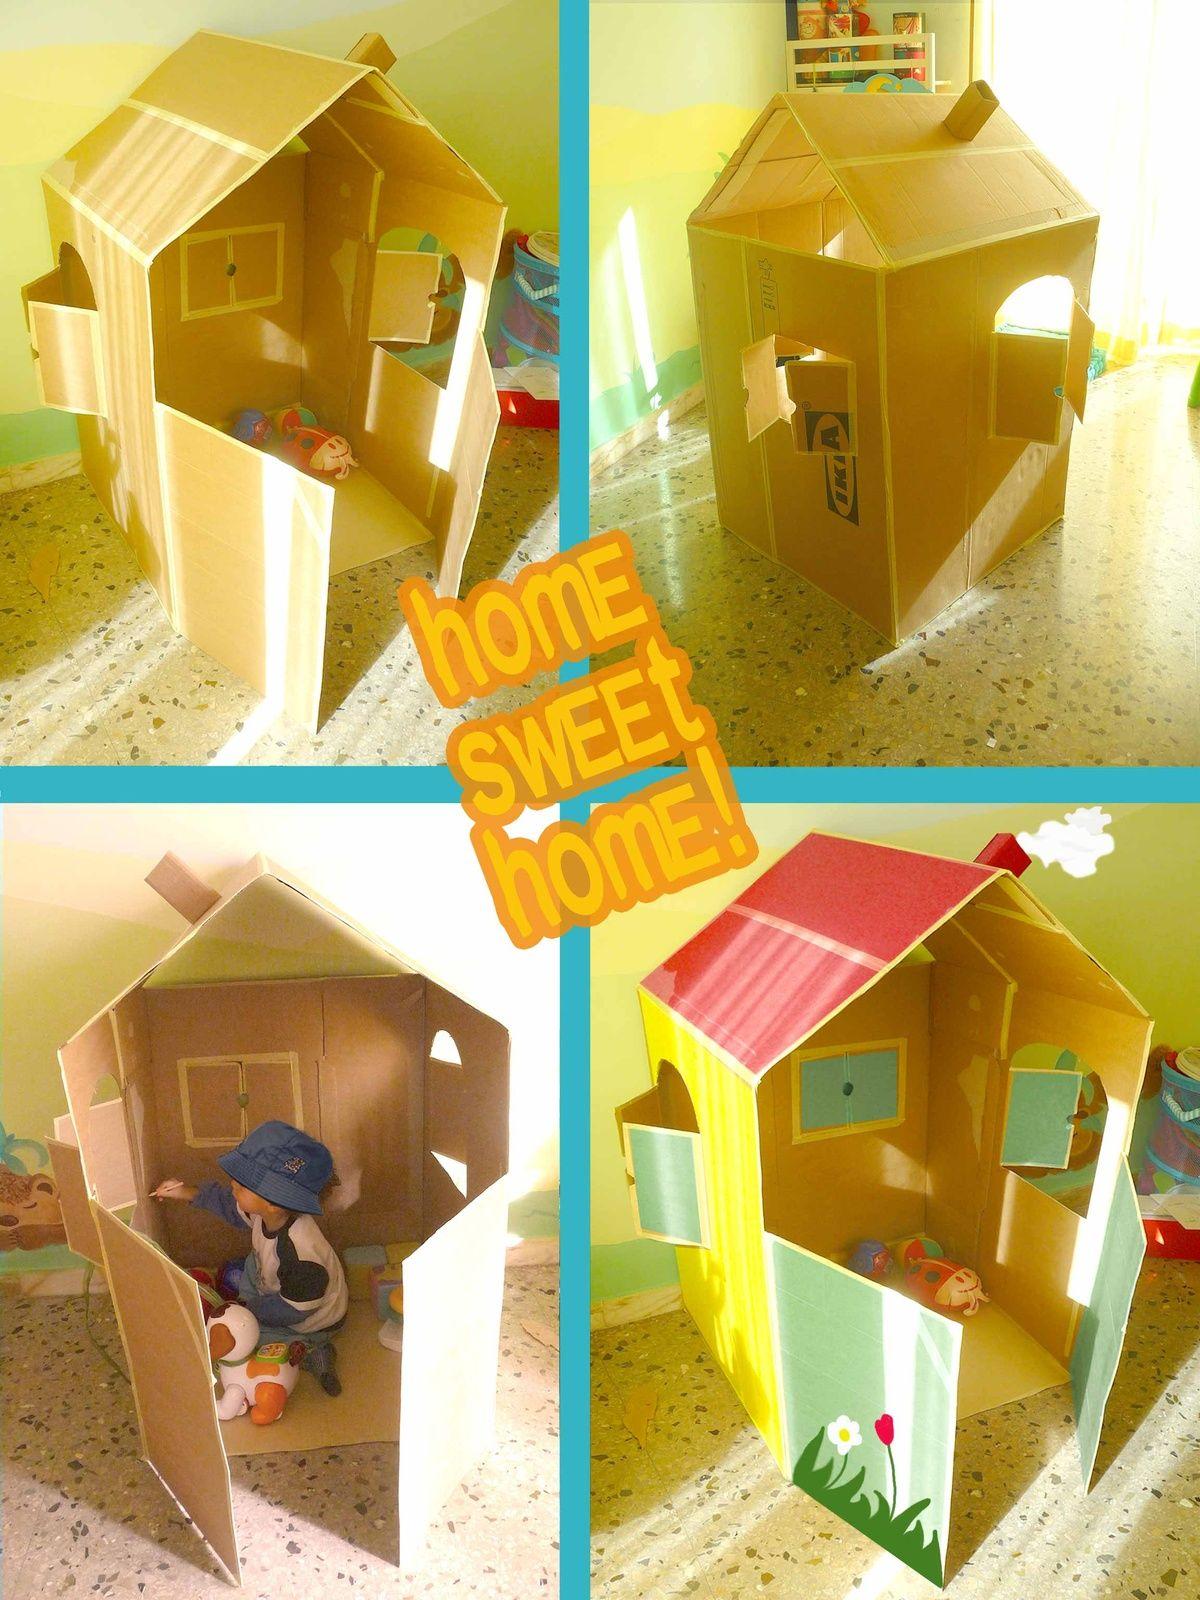 B774d5c193589b573627cd020f6b34de Jpg 1 200 1 600 Pixels Cardboard Crafts Cardboard Houses For Kids Cardboard House